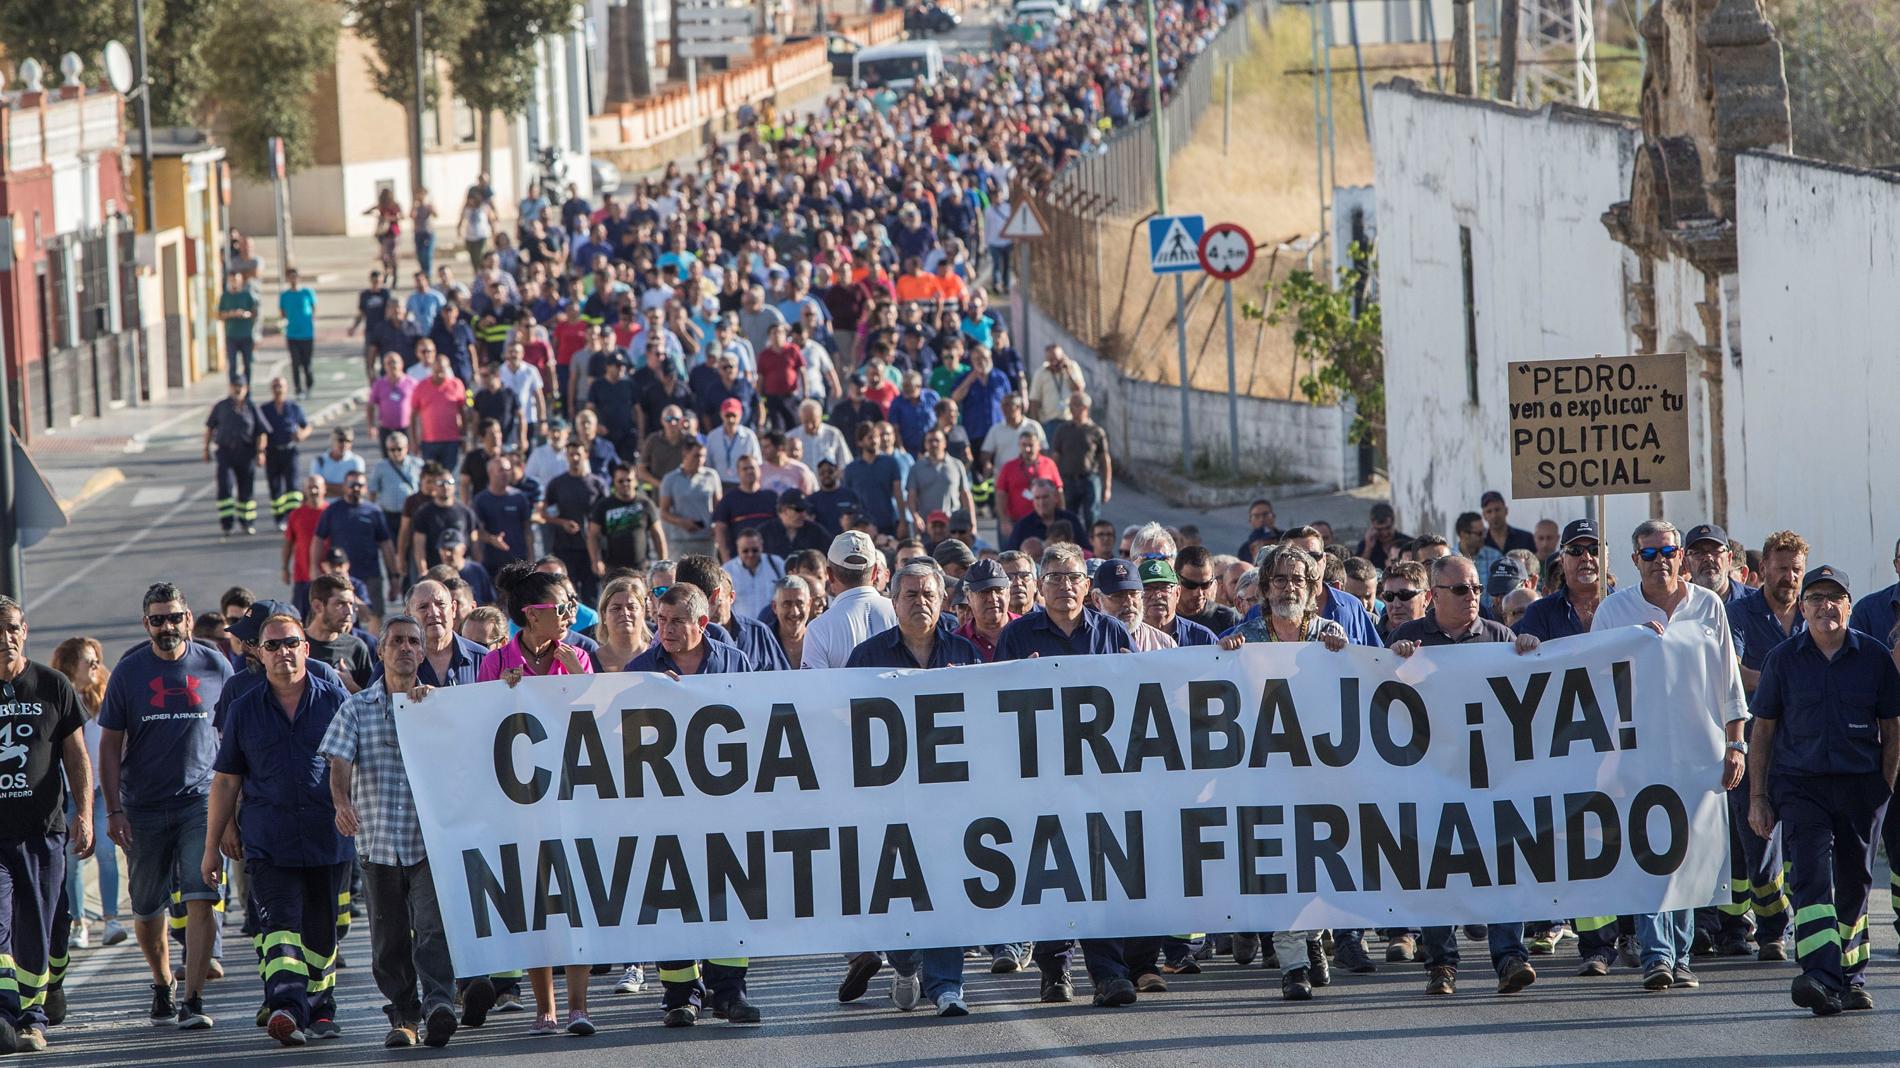 Navantia convoca a los sindicatos para negociar su Plan Estratégico ...